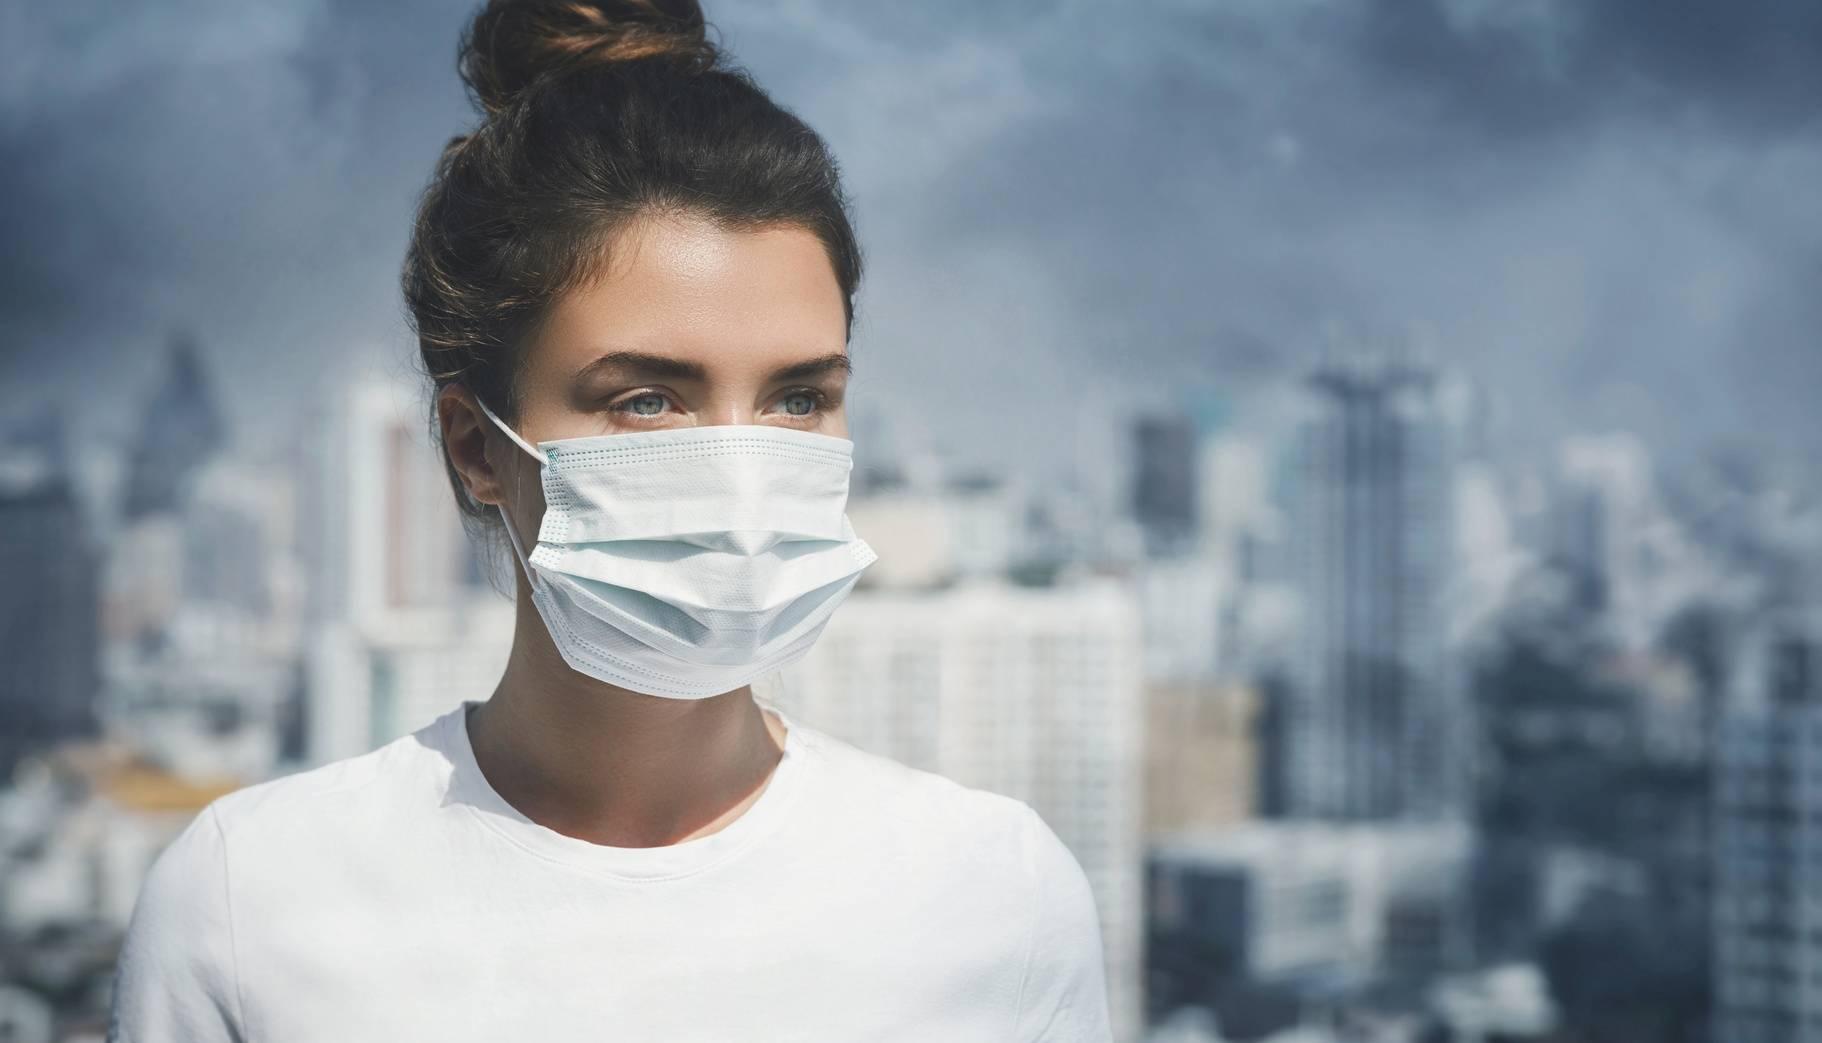 Kobieta nosząca maseczkę antysmogową - walka ze smogiem.